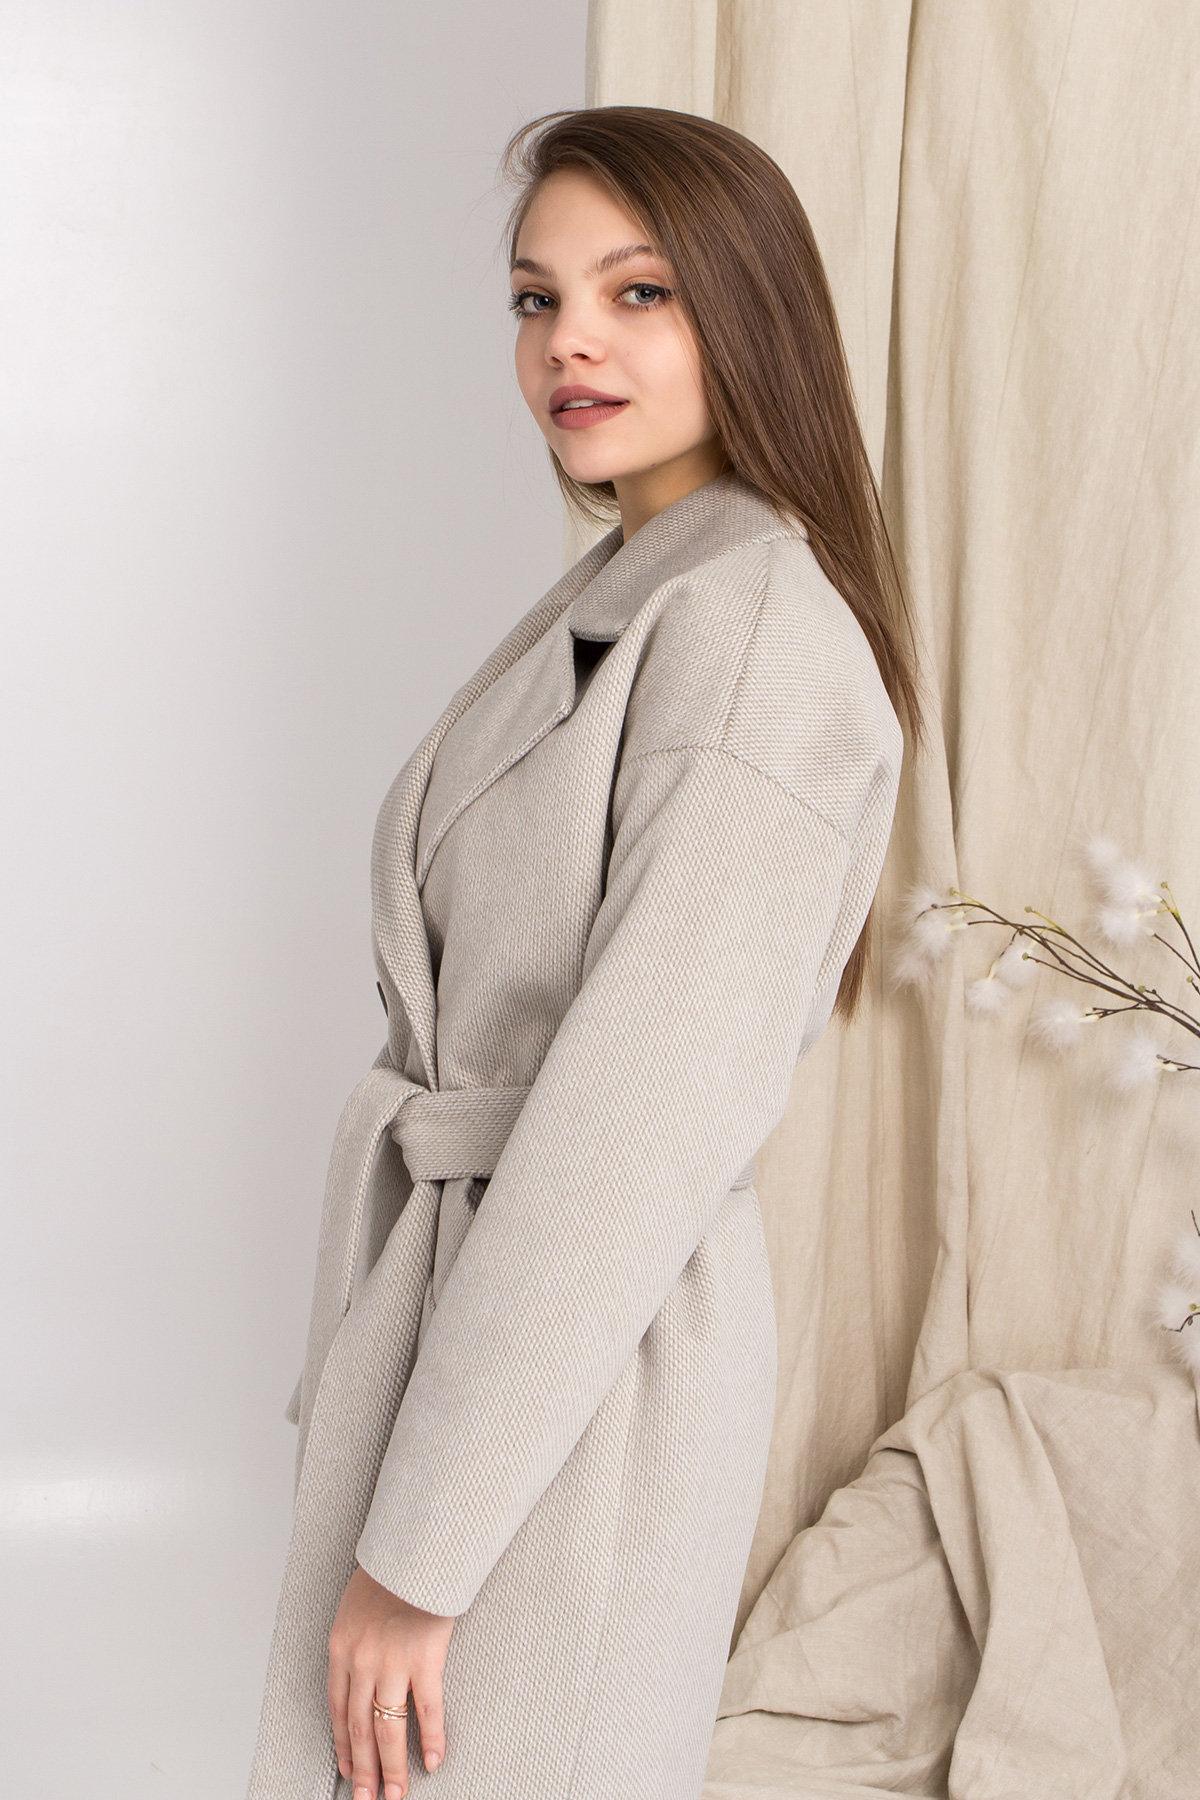 Демисезонное двубортное пальто Сенсей 8845 АРТ. 45218 Цвет: Олива - фото 7, интернет магазин tm-modus.ru